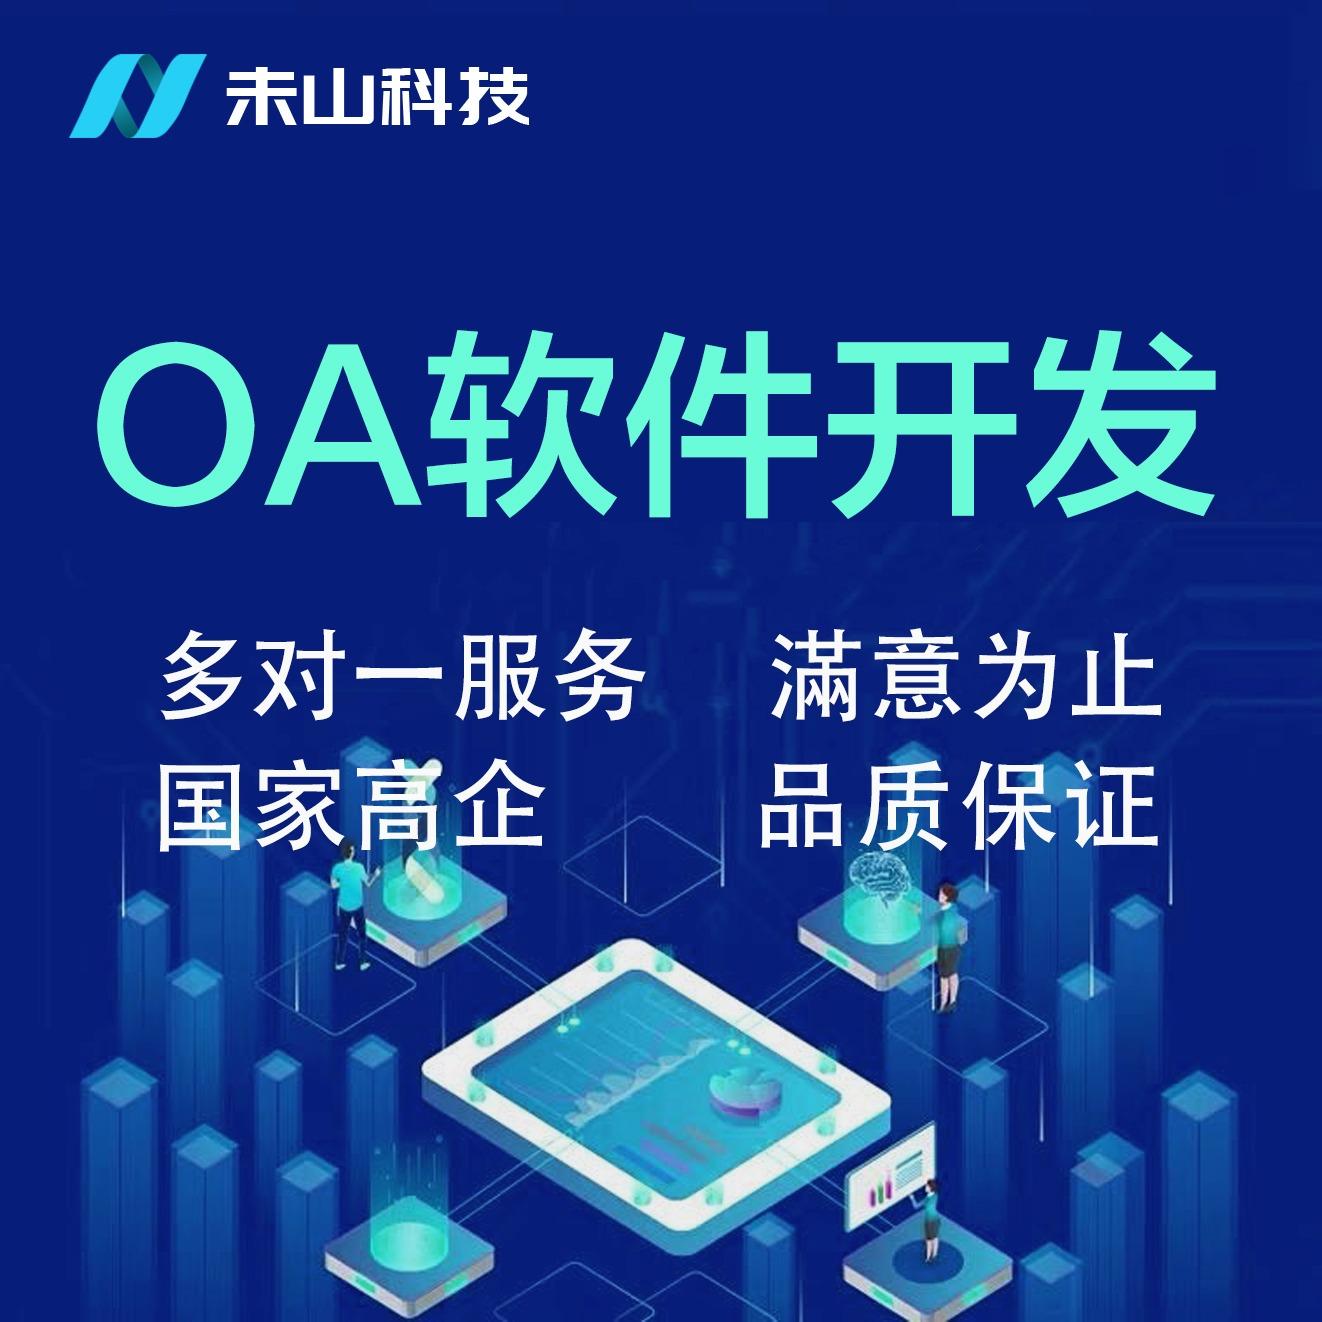 OA软件/协同办公/高效办公CRM/企业办公/无纸化会议